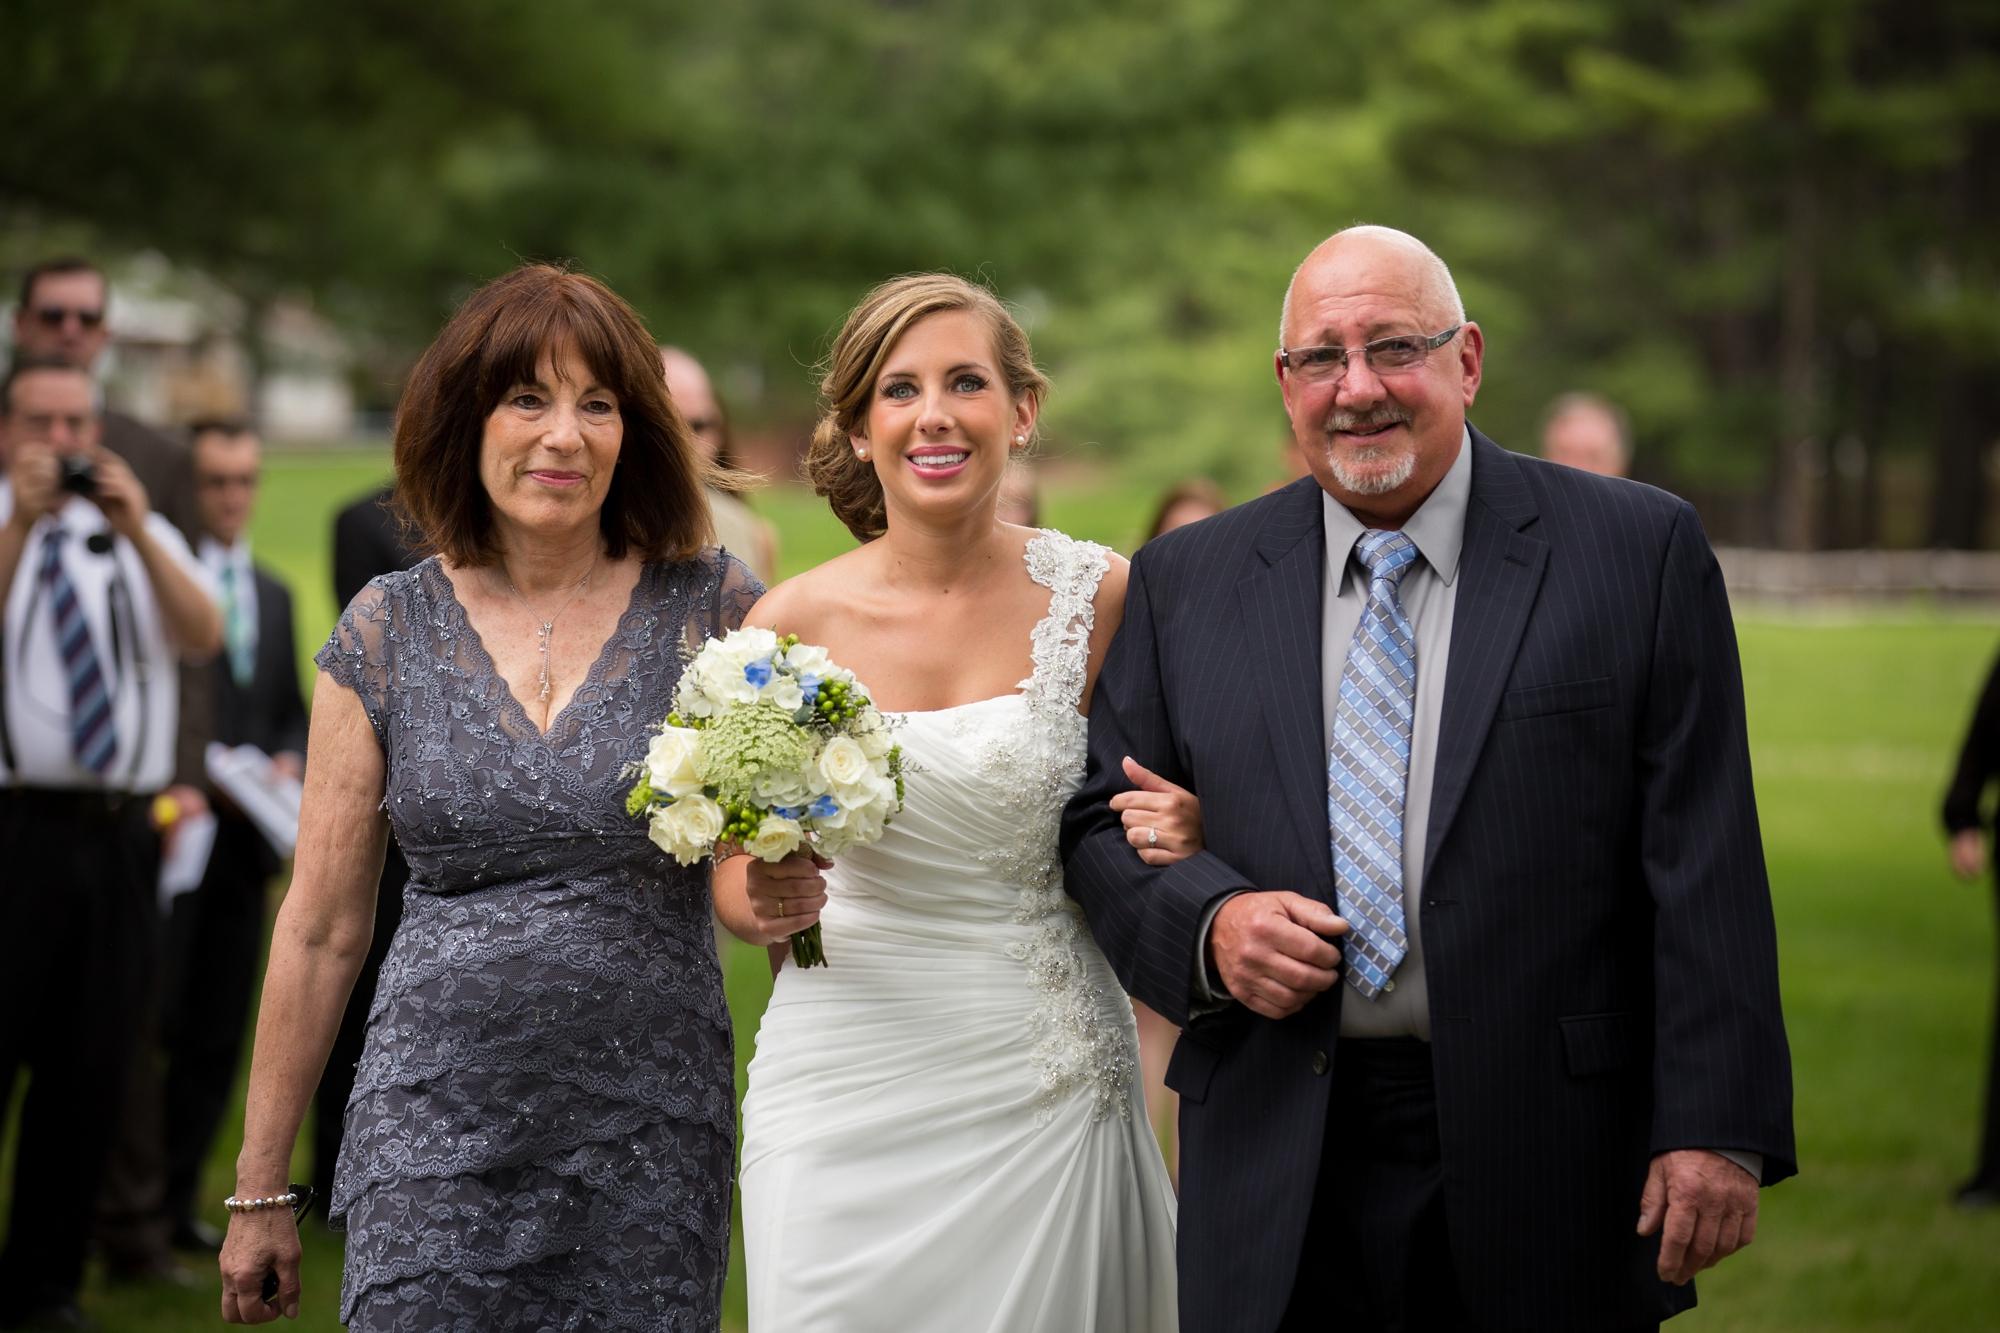 Albany NY Wedding Photographer Justin Tibbitts Photography 2014 Best of Albany NY Weddings-47820404033